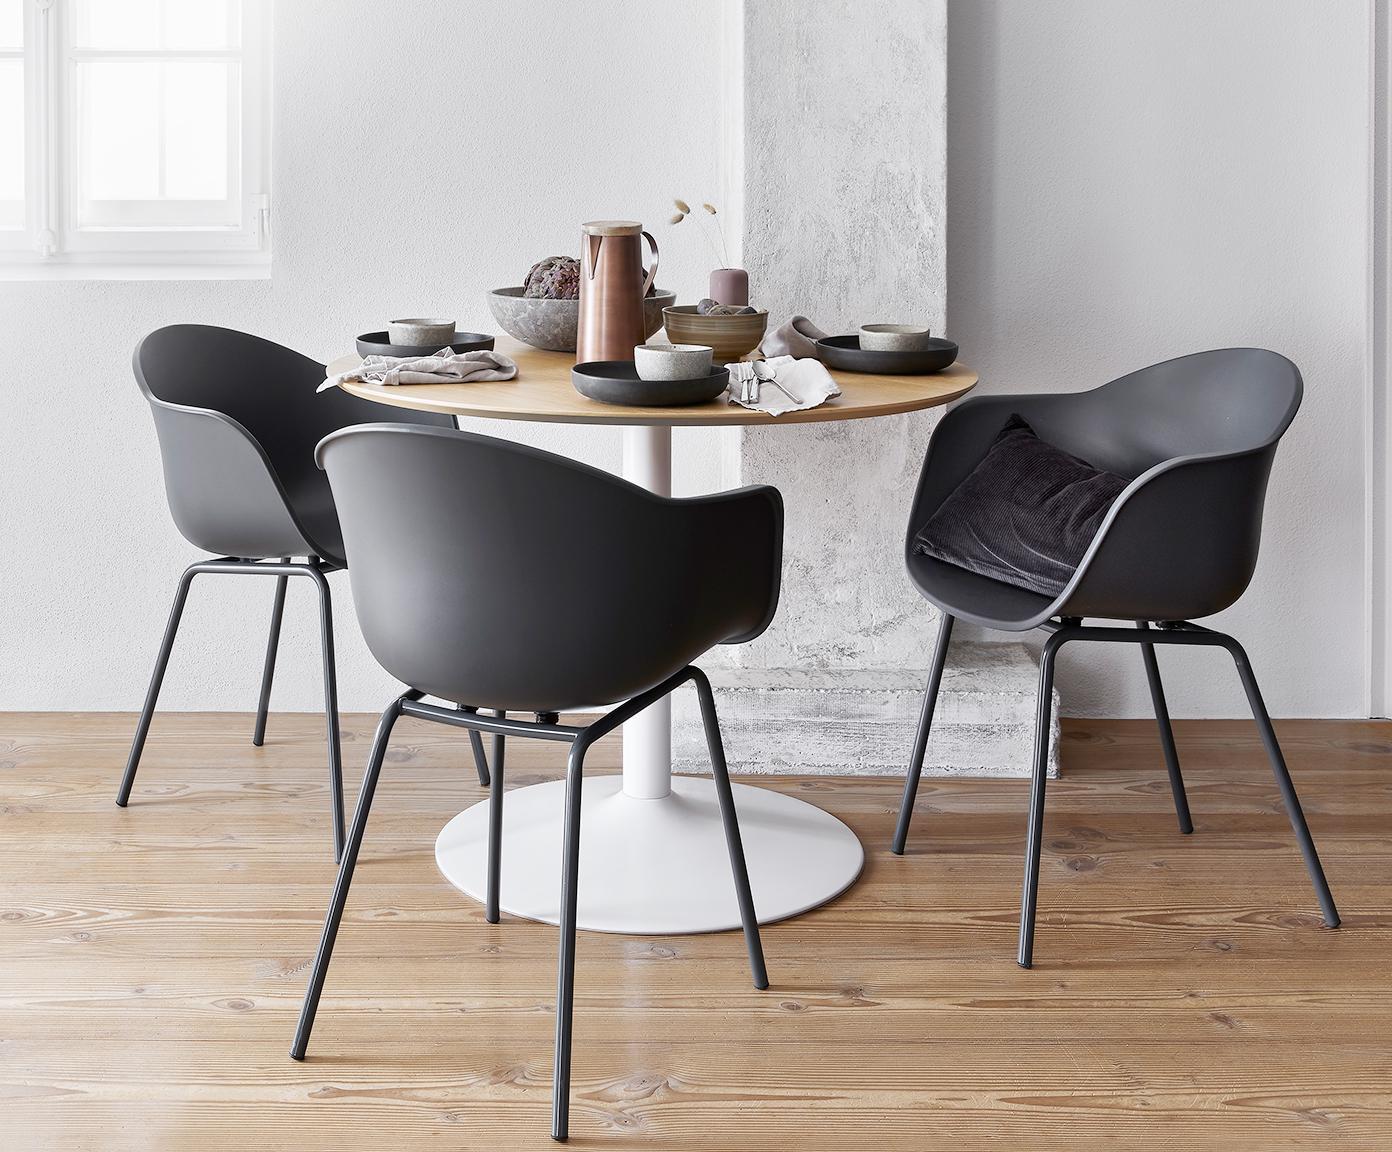 Krzesło z podłokietnikami z tworzywa sztucznego Claire, Nogi: metal malowany proszkowo, Szary, S 54 x G 60 cm